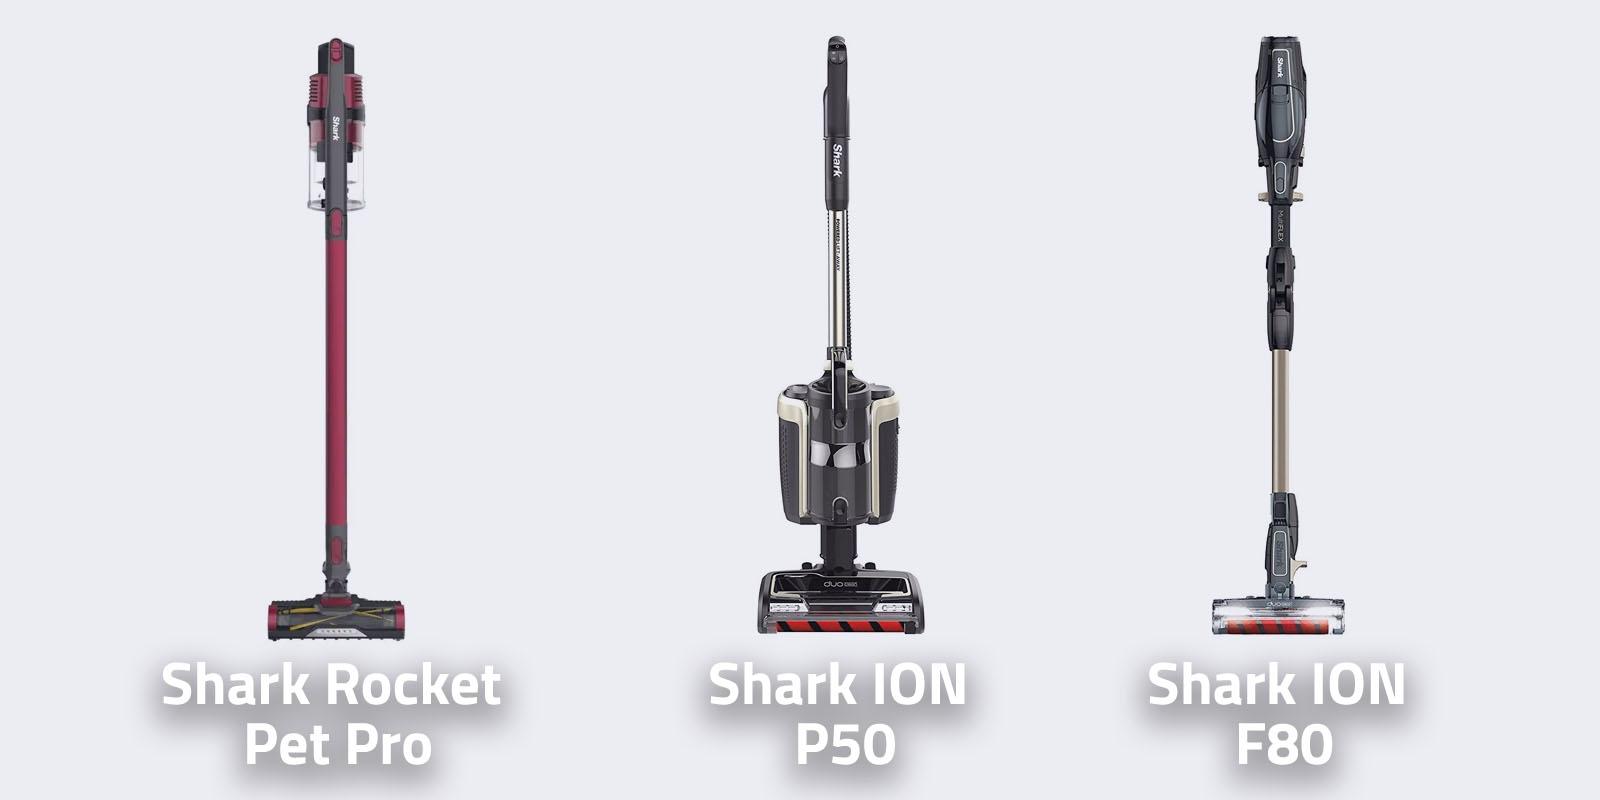 Shark Rocket Pet Pro vs Shark ION P50 vs Shark ION F80 MultiFlex